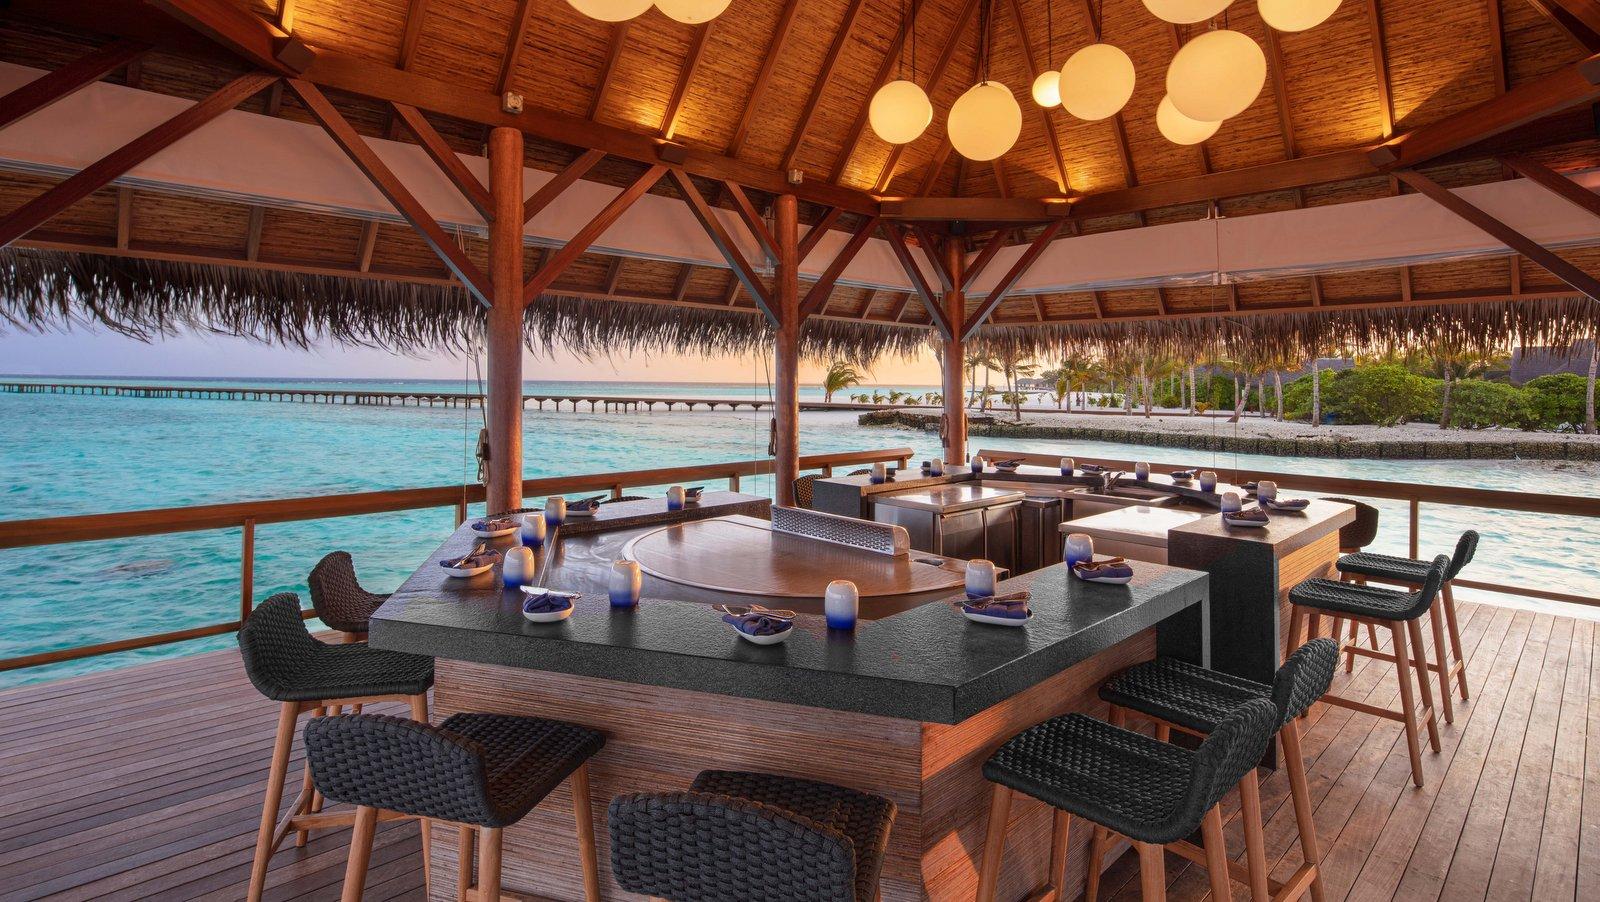 Мальдивы, отель Heritance Aarah, ресторан Hathaa